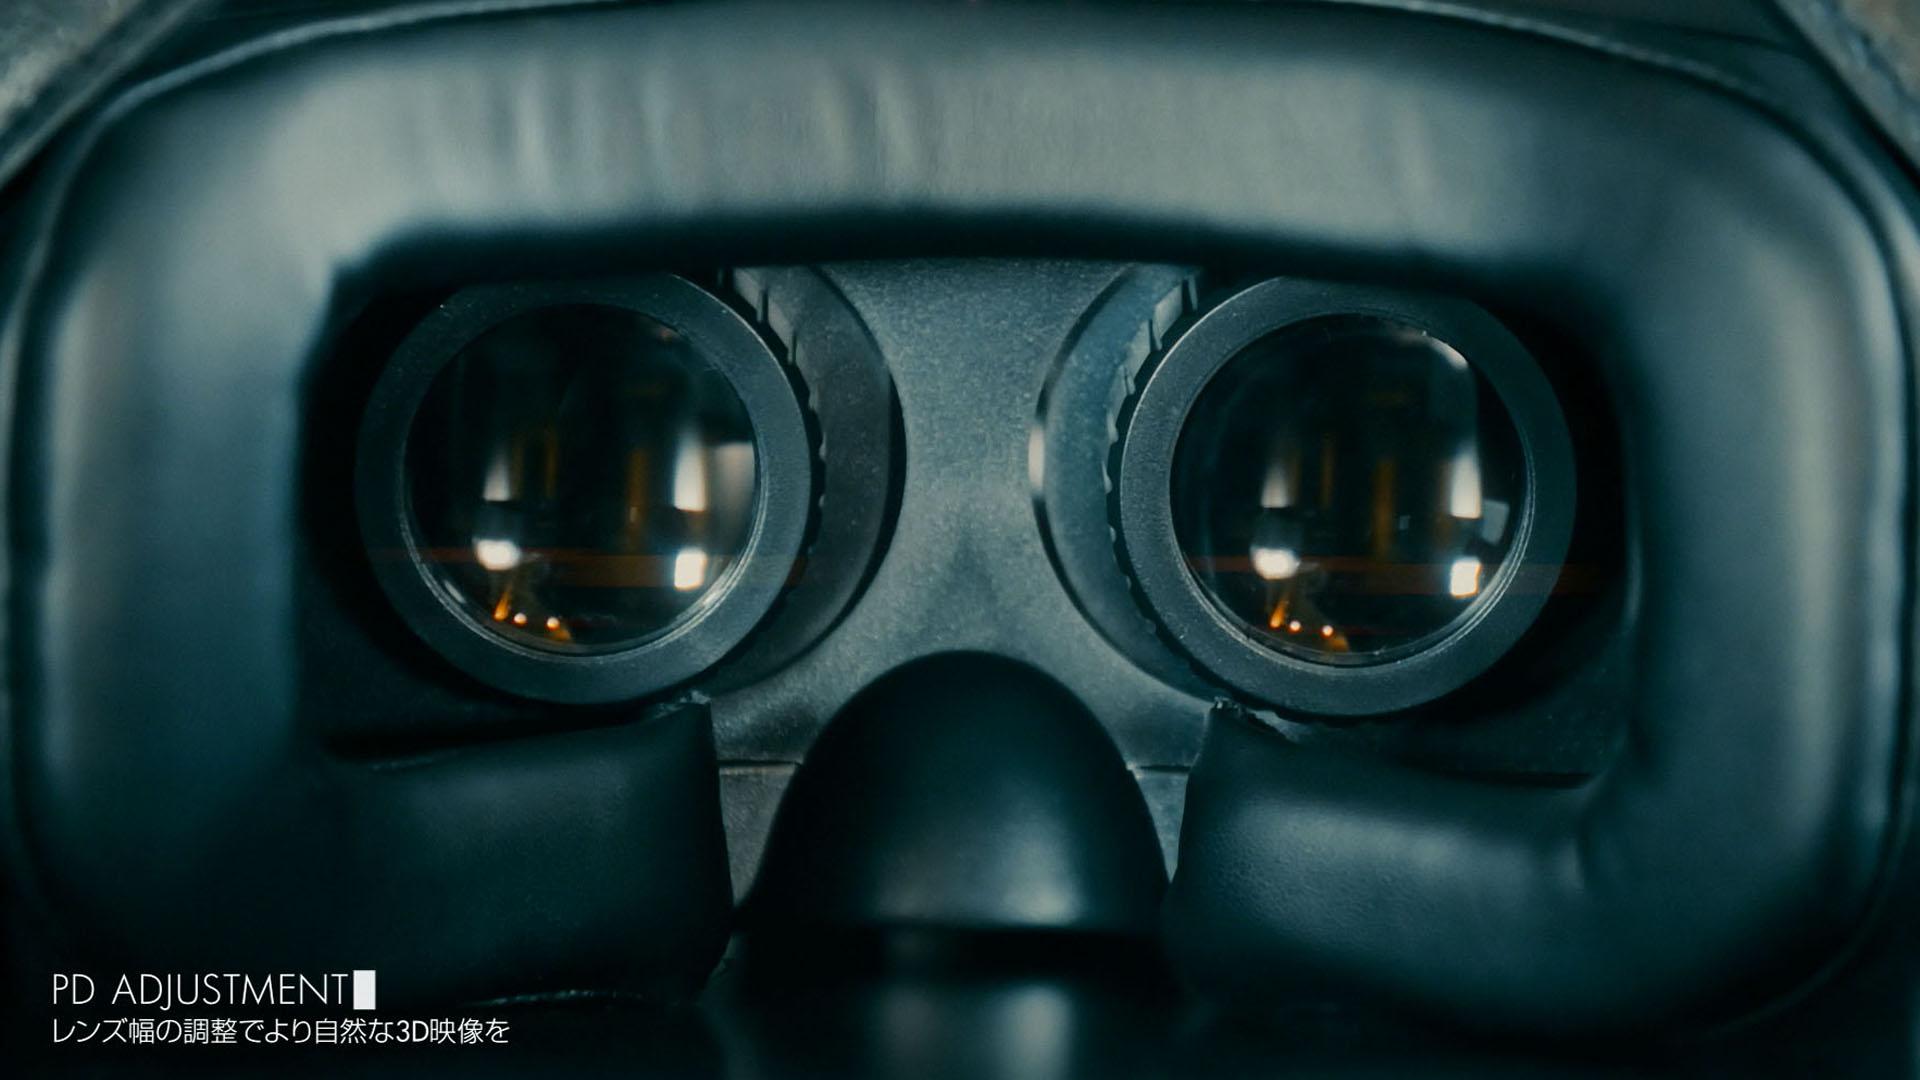 レンズ幅の調整で自然な3D立体視2